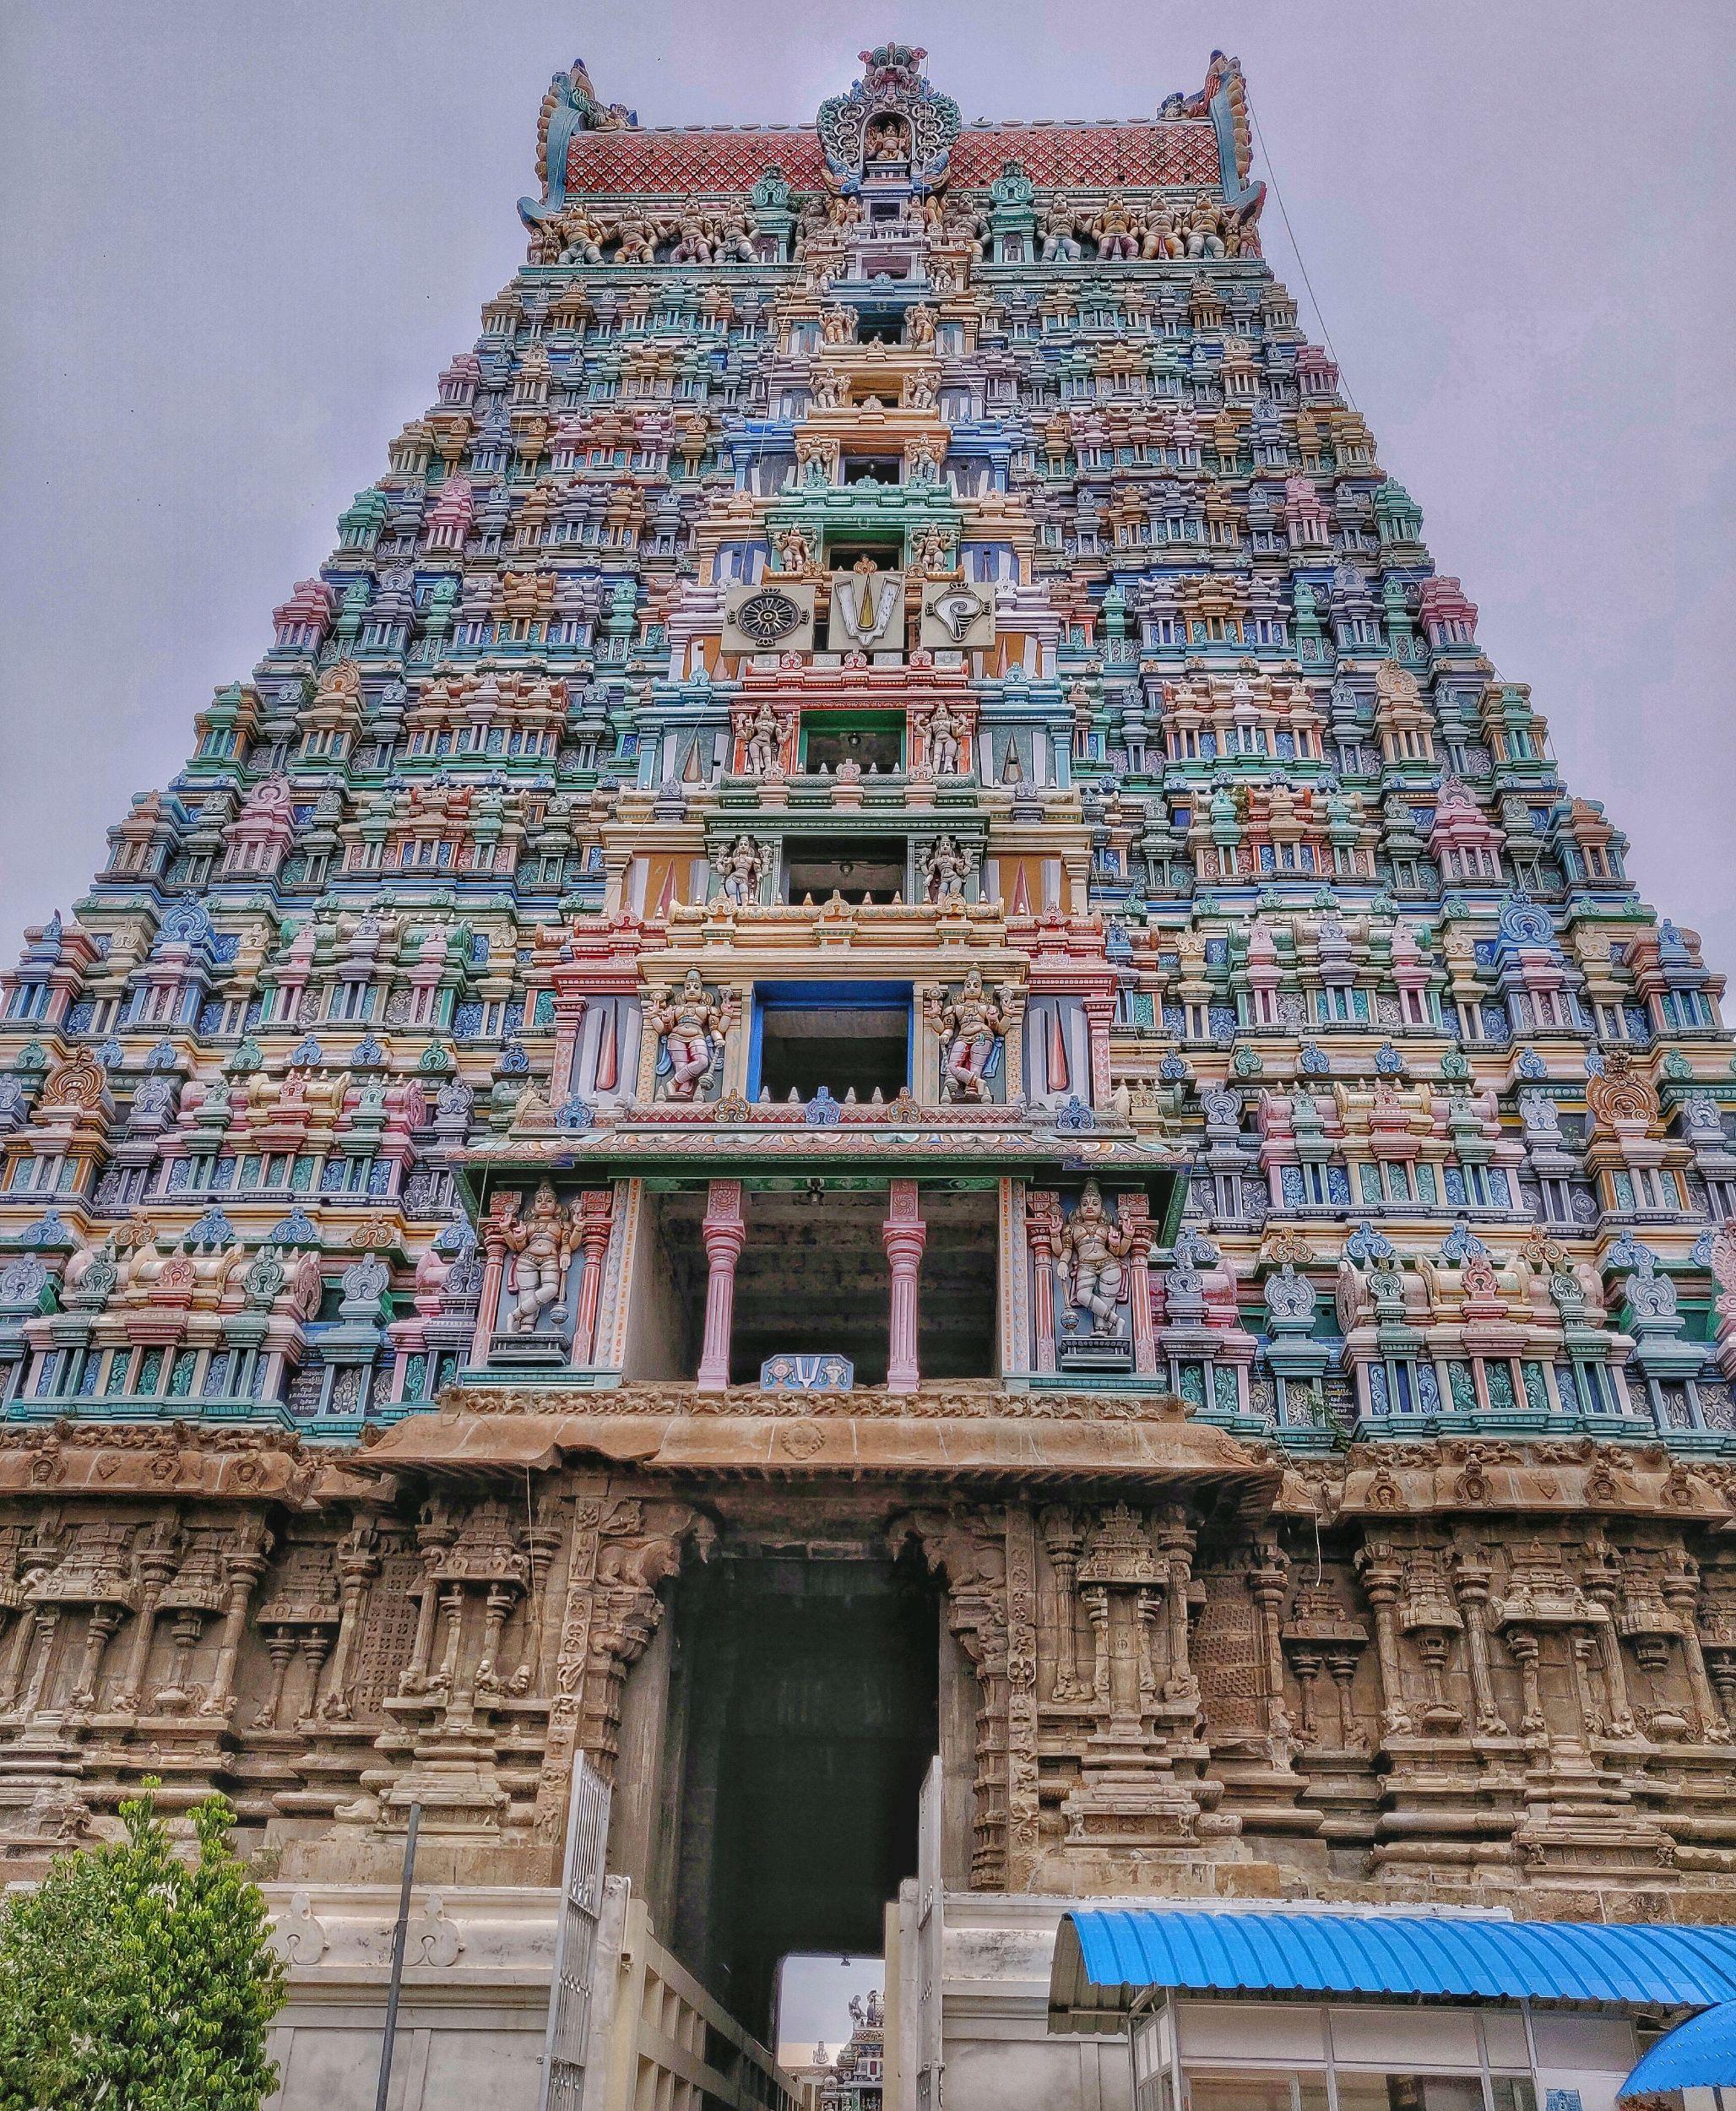 Uploaded by @TamilWanderer